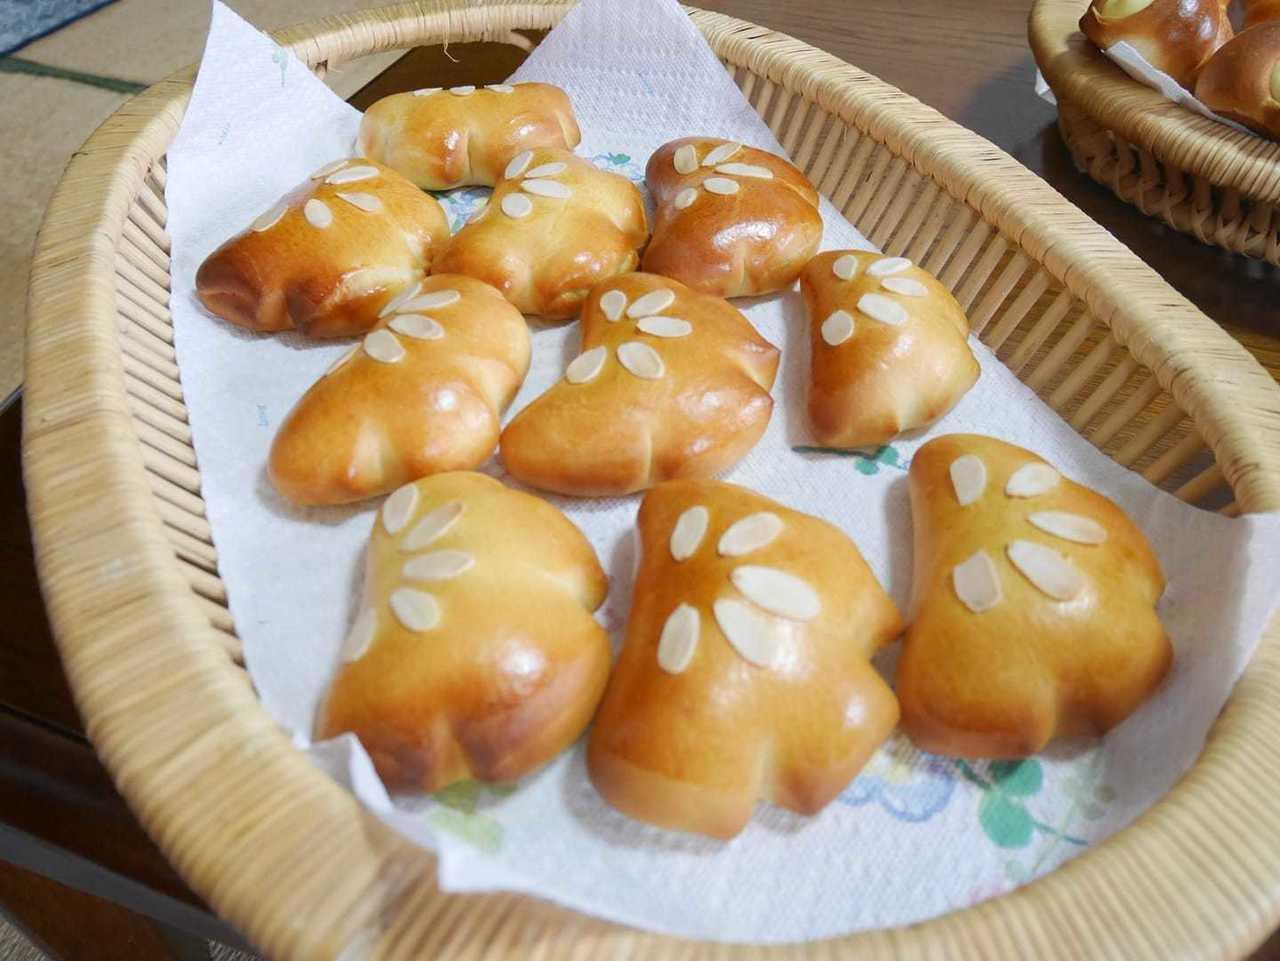 木のキッチンでパン教室   ①基本のパンクリームパン②ドイツパン カイザーゼンメル③簡単なお菓子